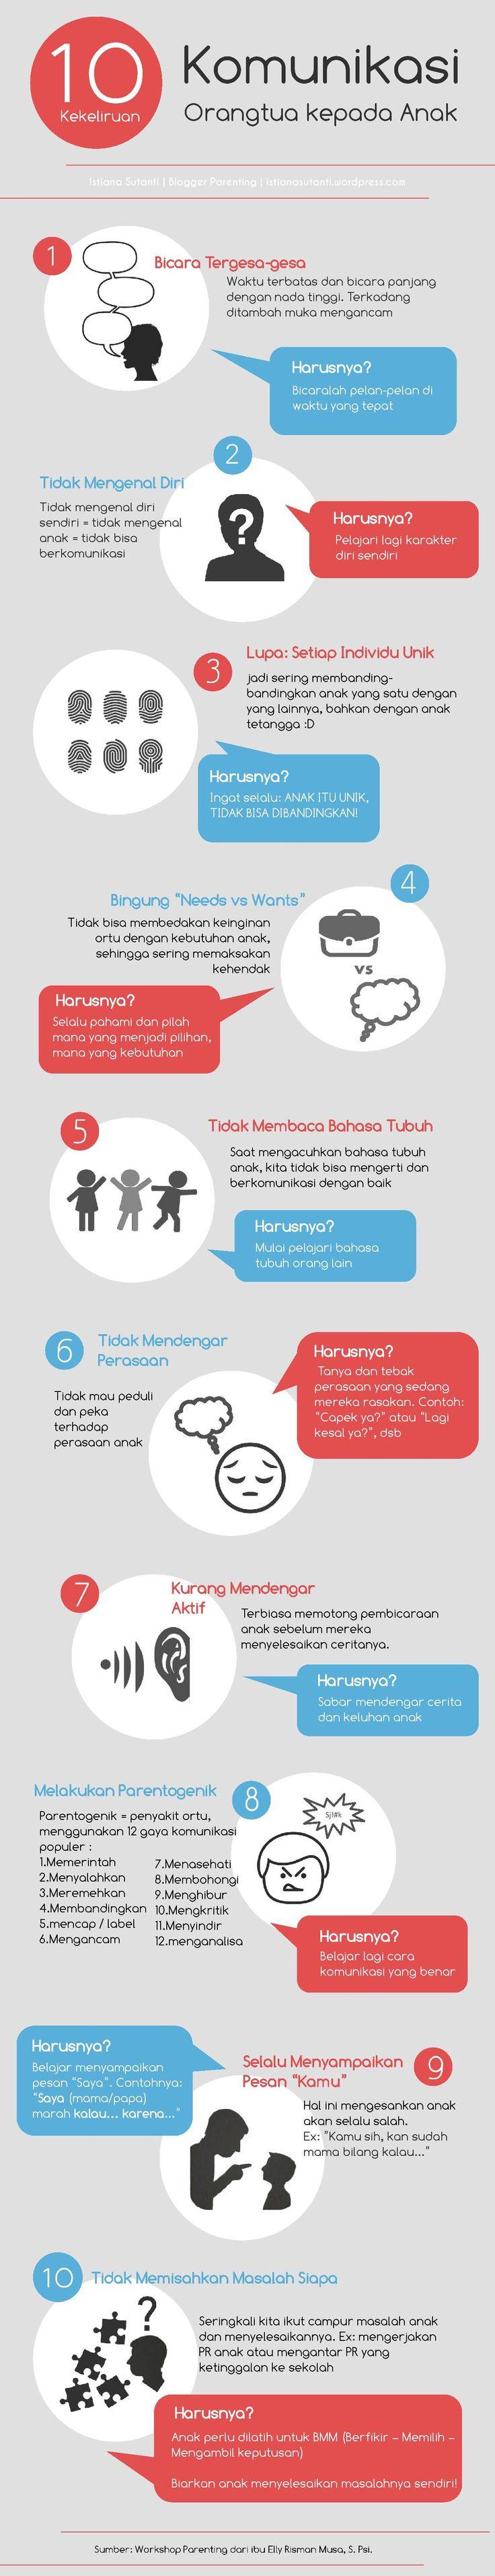 10 Kekeliruan Berkomunikasi | Selengkapnya ada di sini: http://istiana.sutanti.com/2015/01/16/parenting-infografis-kekeliruan-komunikasi-dari-seminar-elly-risman